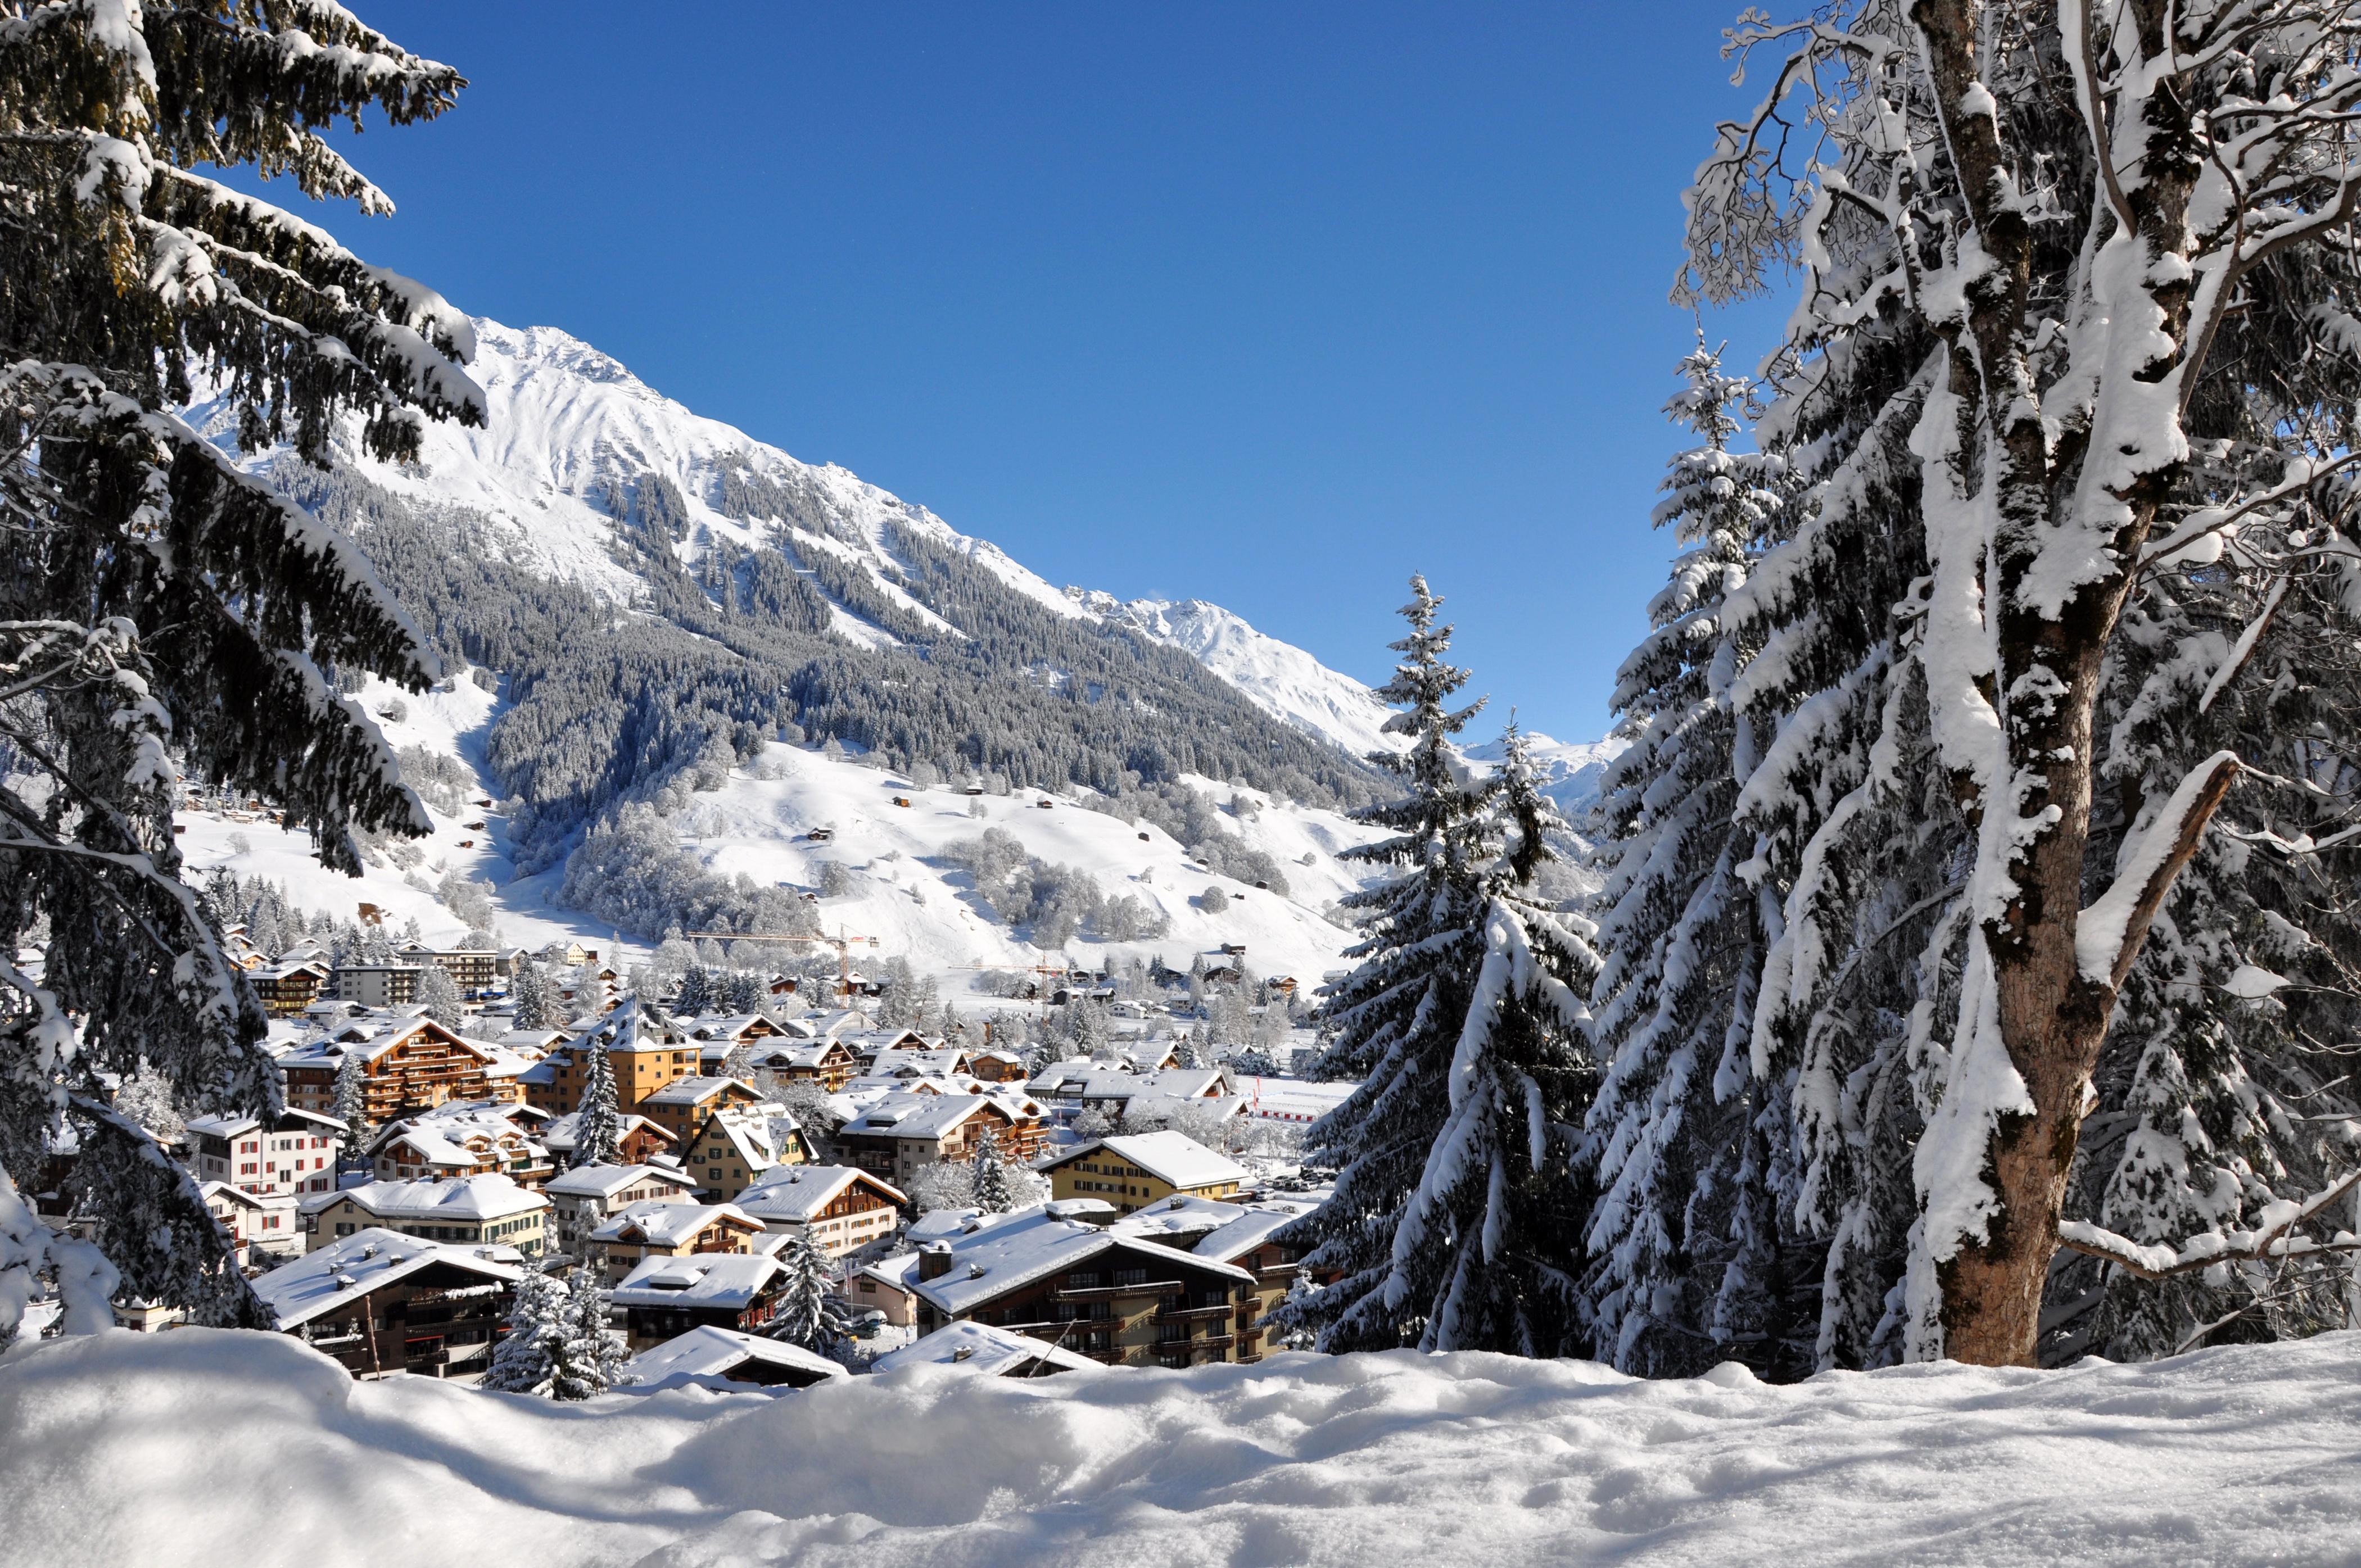 фотообои на комп зима в горах после скандального расставания